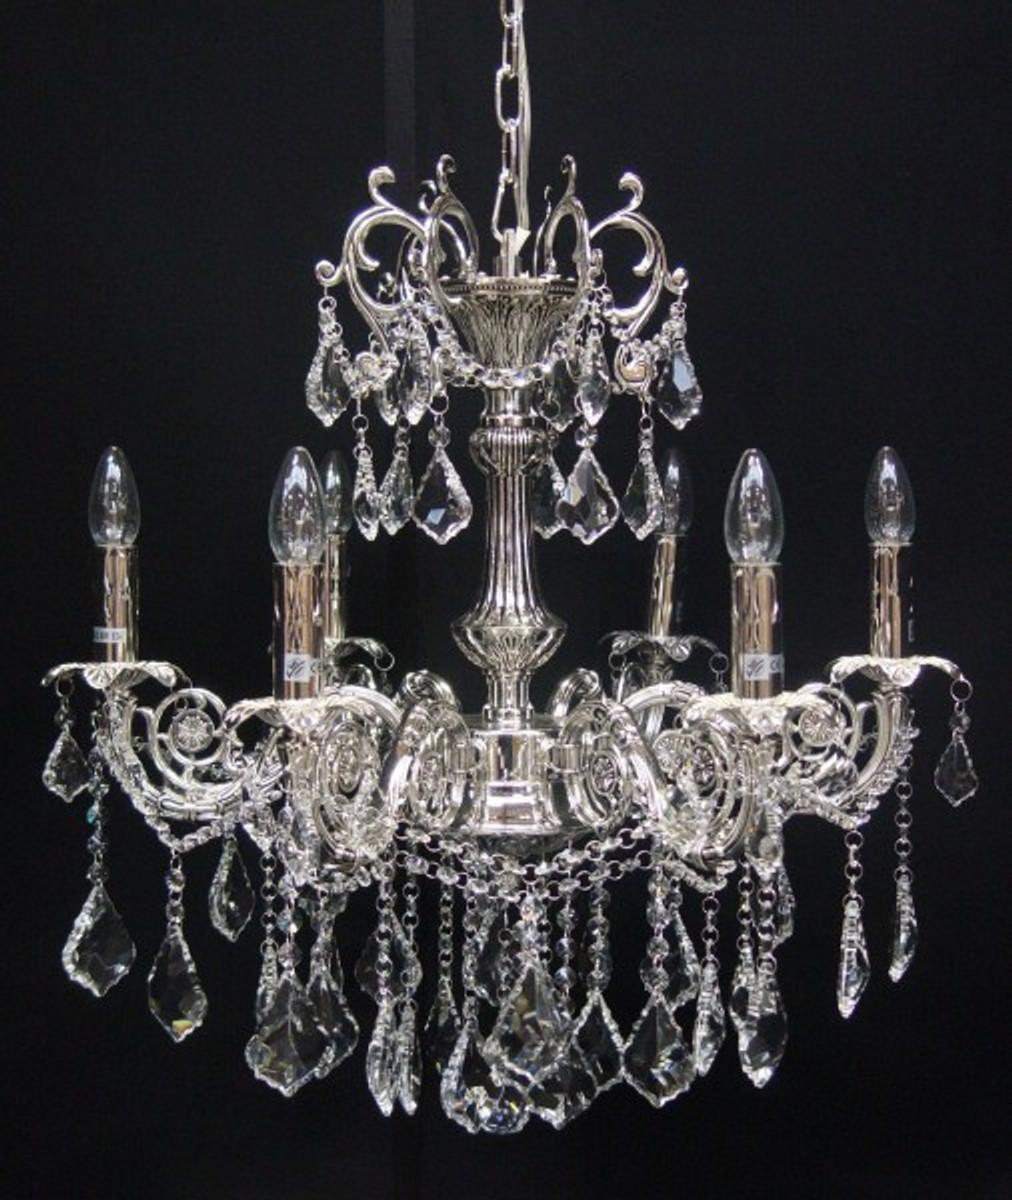 Casa padrino barock kristall kronleuchter 6 flammig silber h ngeleuchte l ster h ngelampe - Kronleuchter barock ...